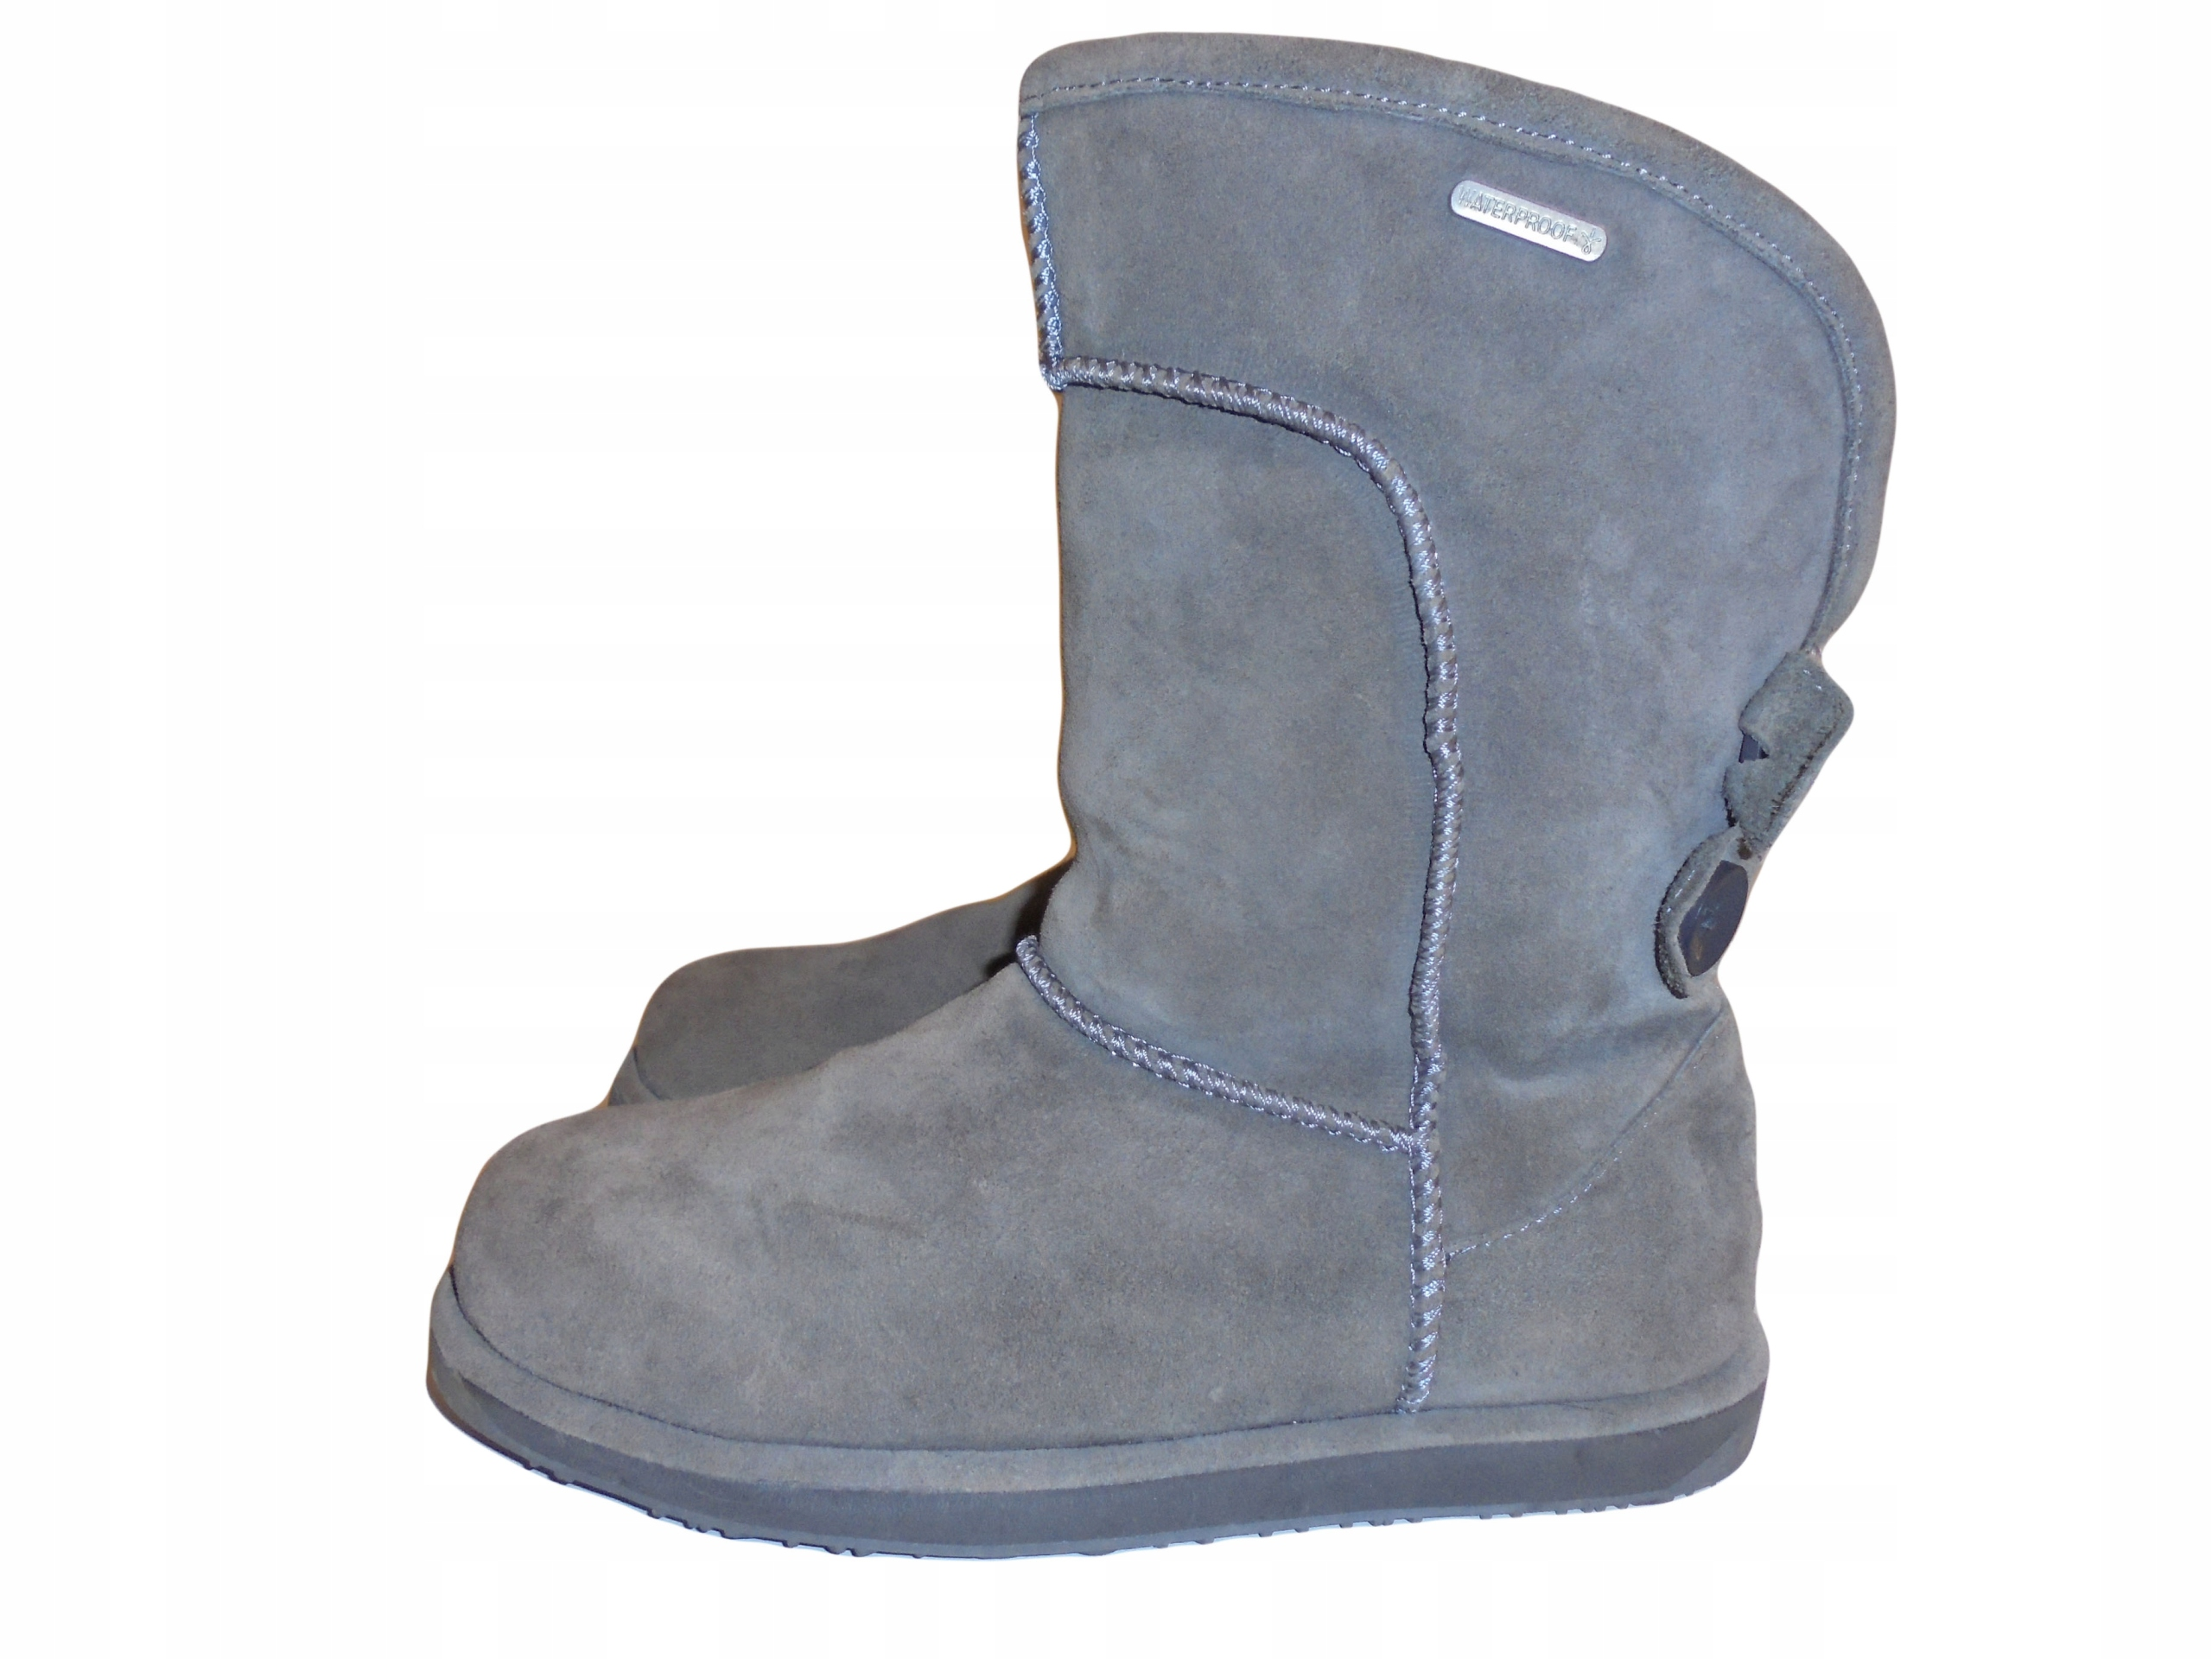 5feeb8a39b9a7 Zimowe buty firmy EMU Waterproof. Rozmiar 37. - 7670929883 - oficjalne  archiwum allegro